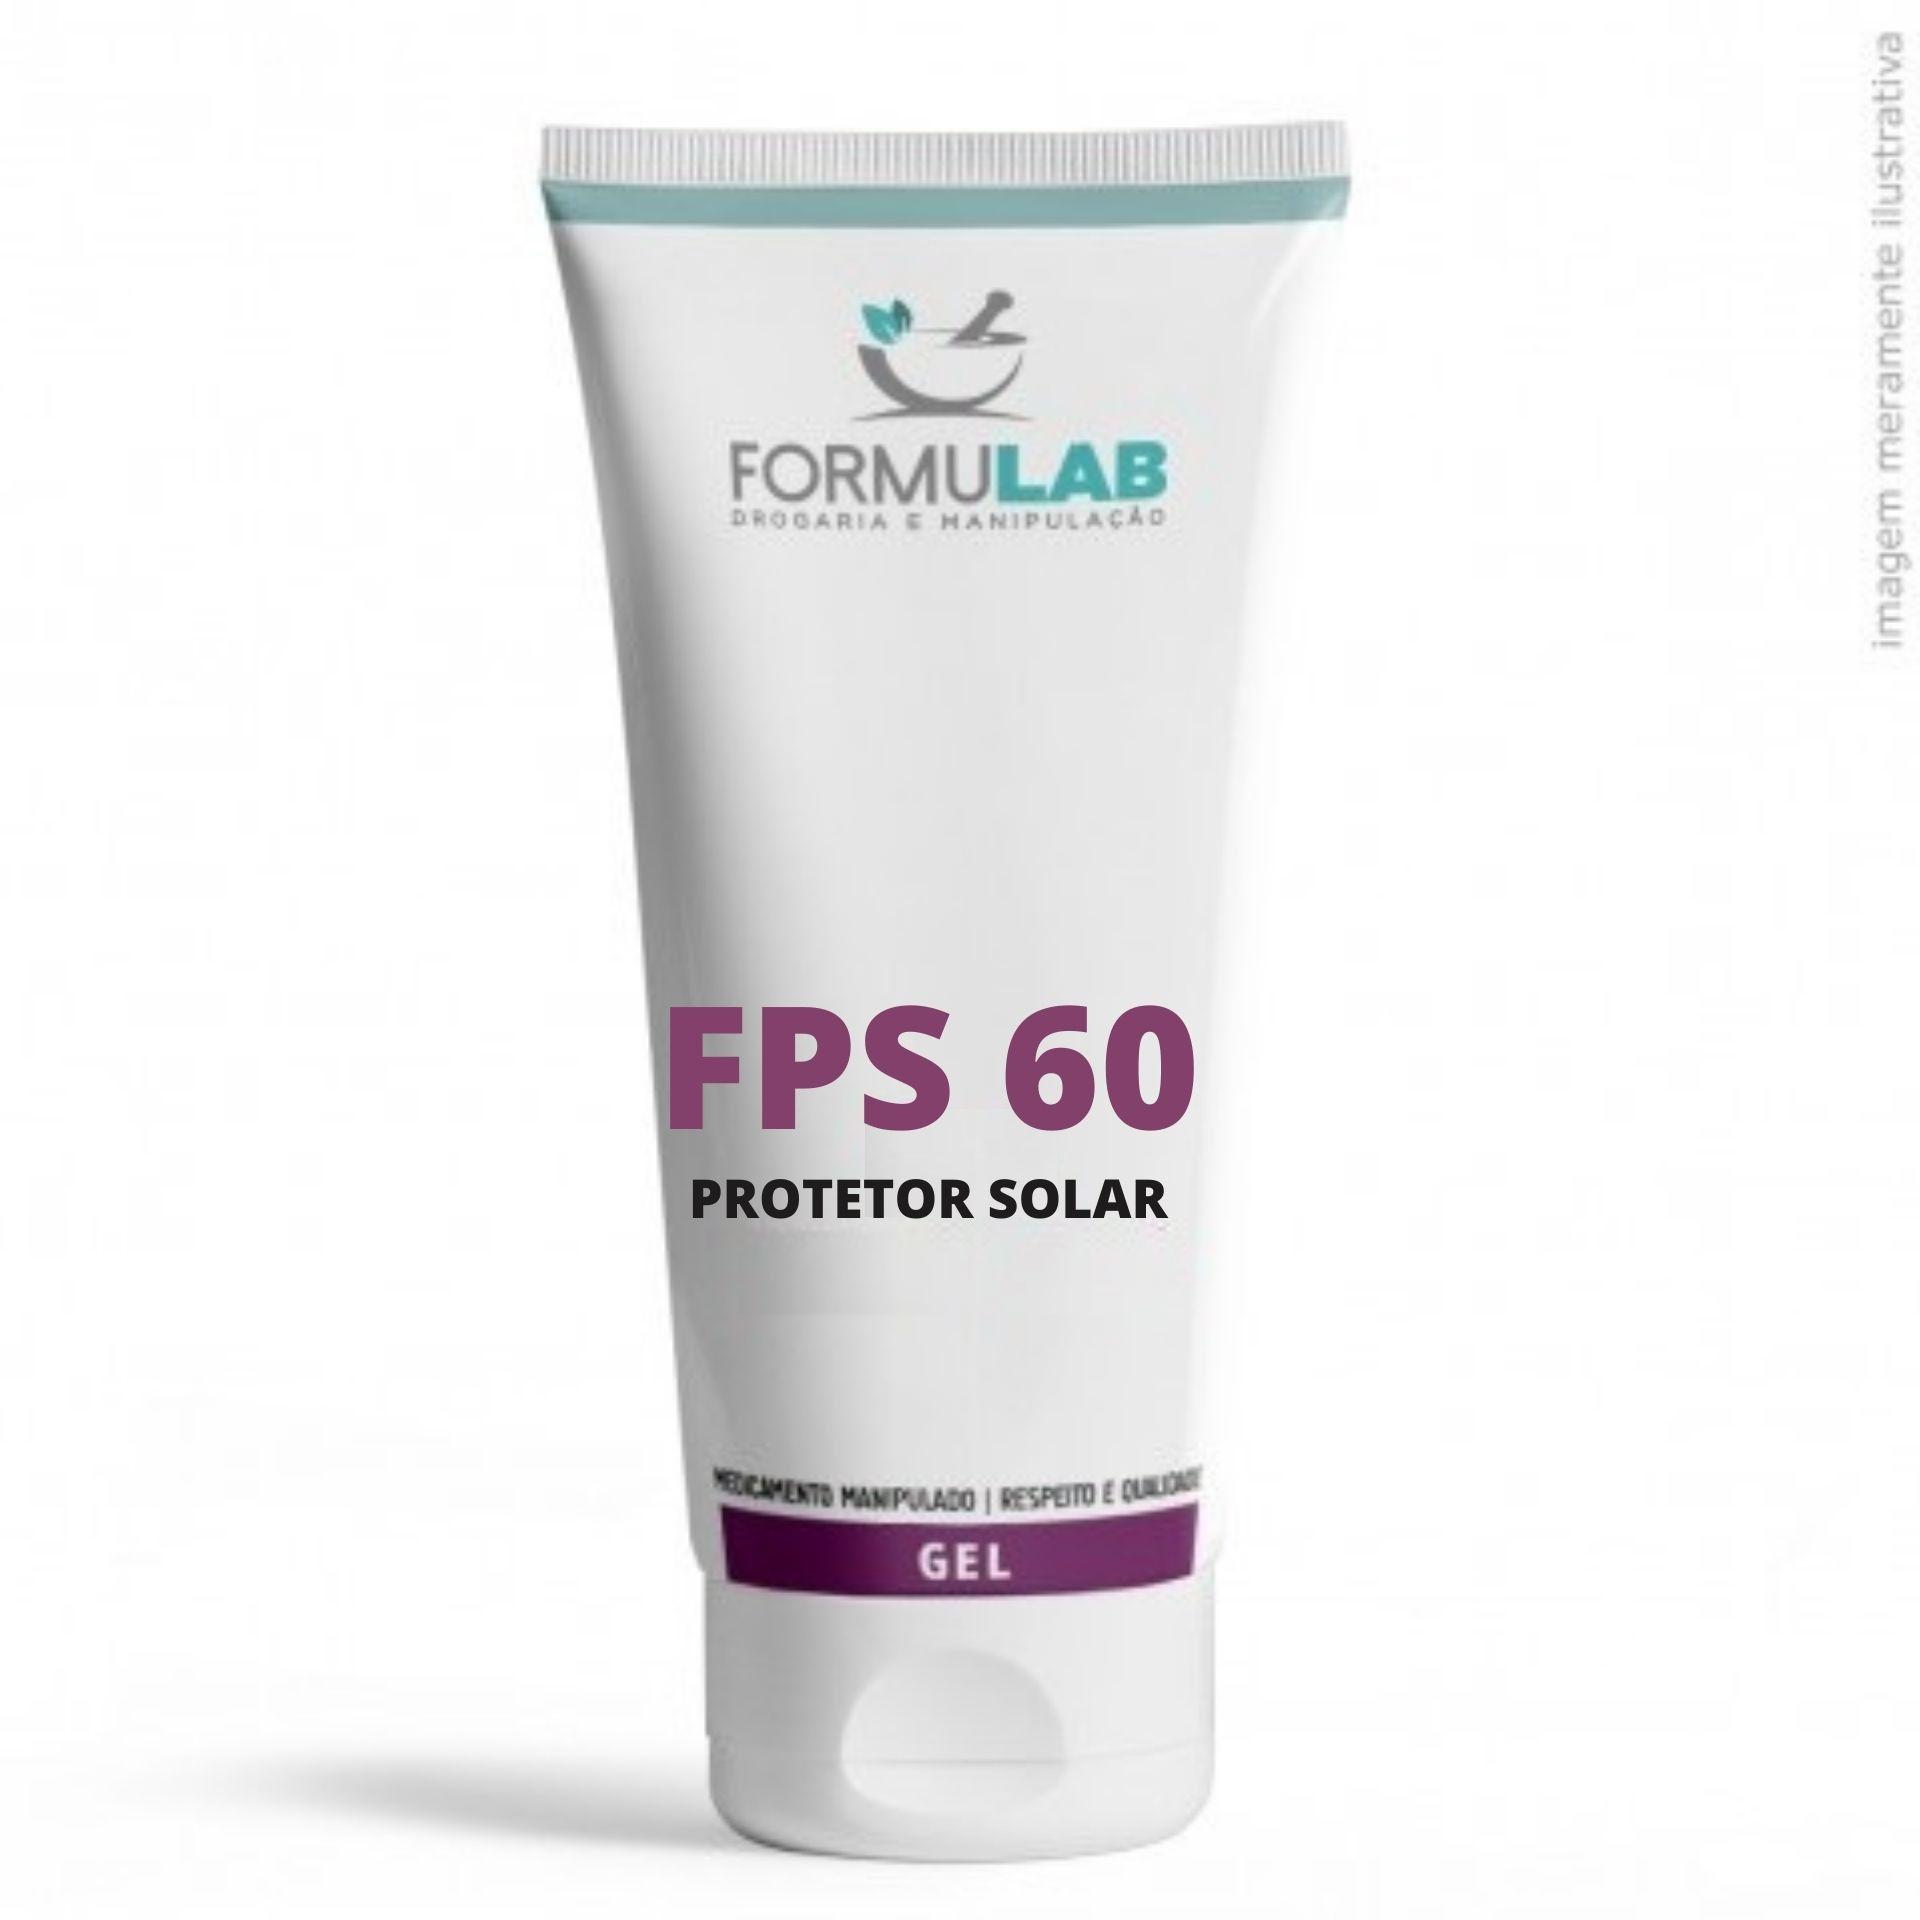 Protetor Solar FPS 60 Toque Seco - 60 Gramas